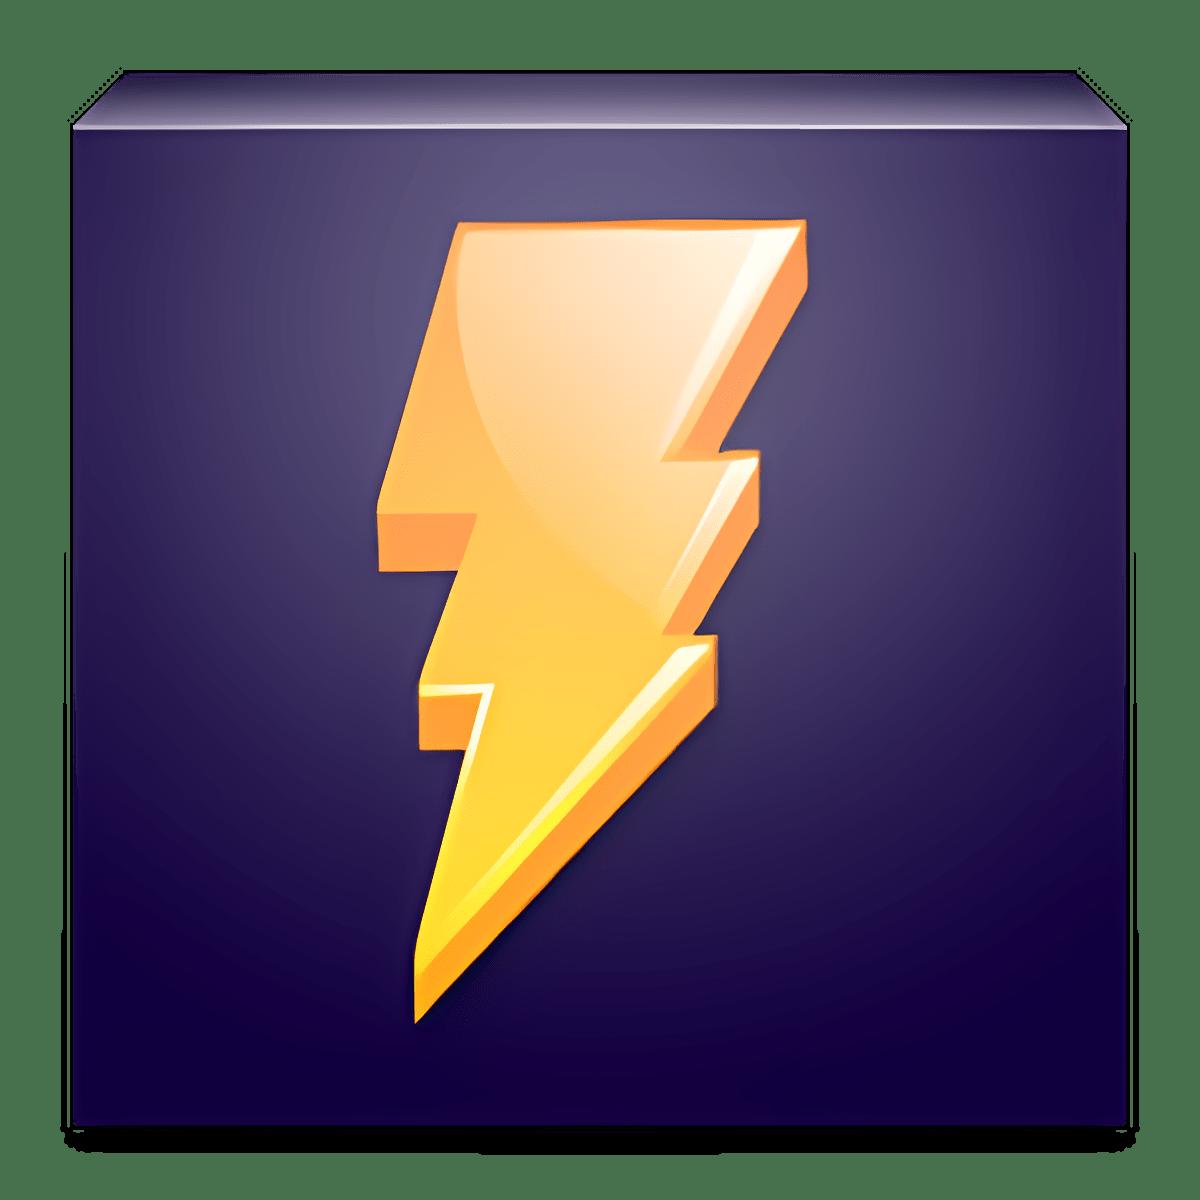 Fast Downloader